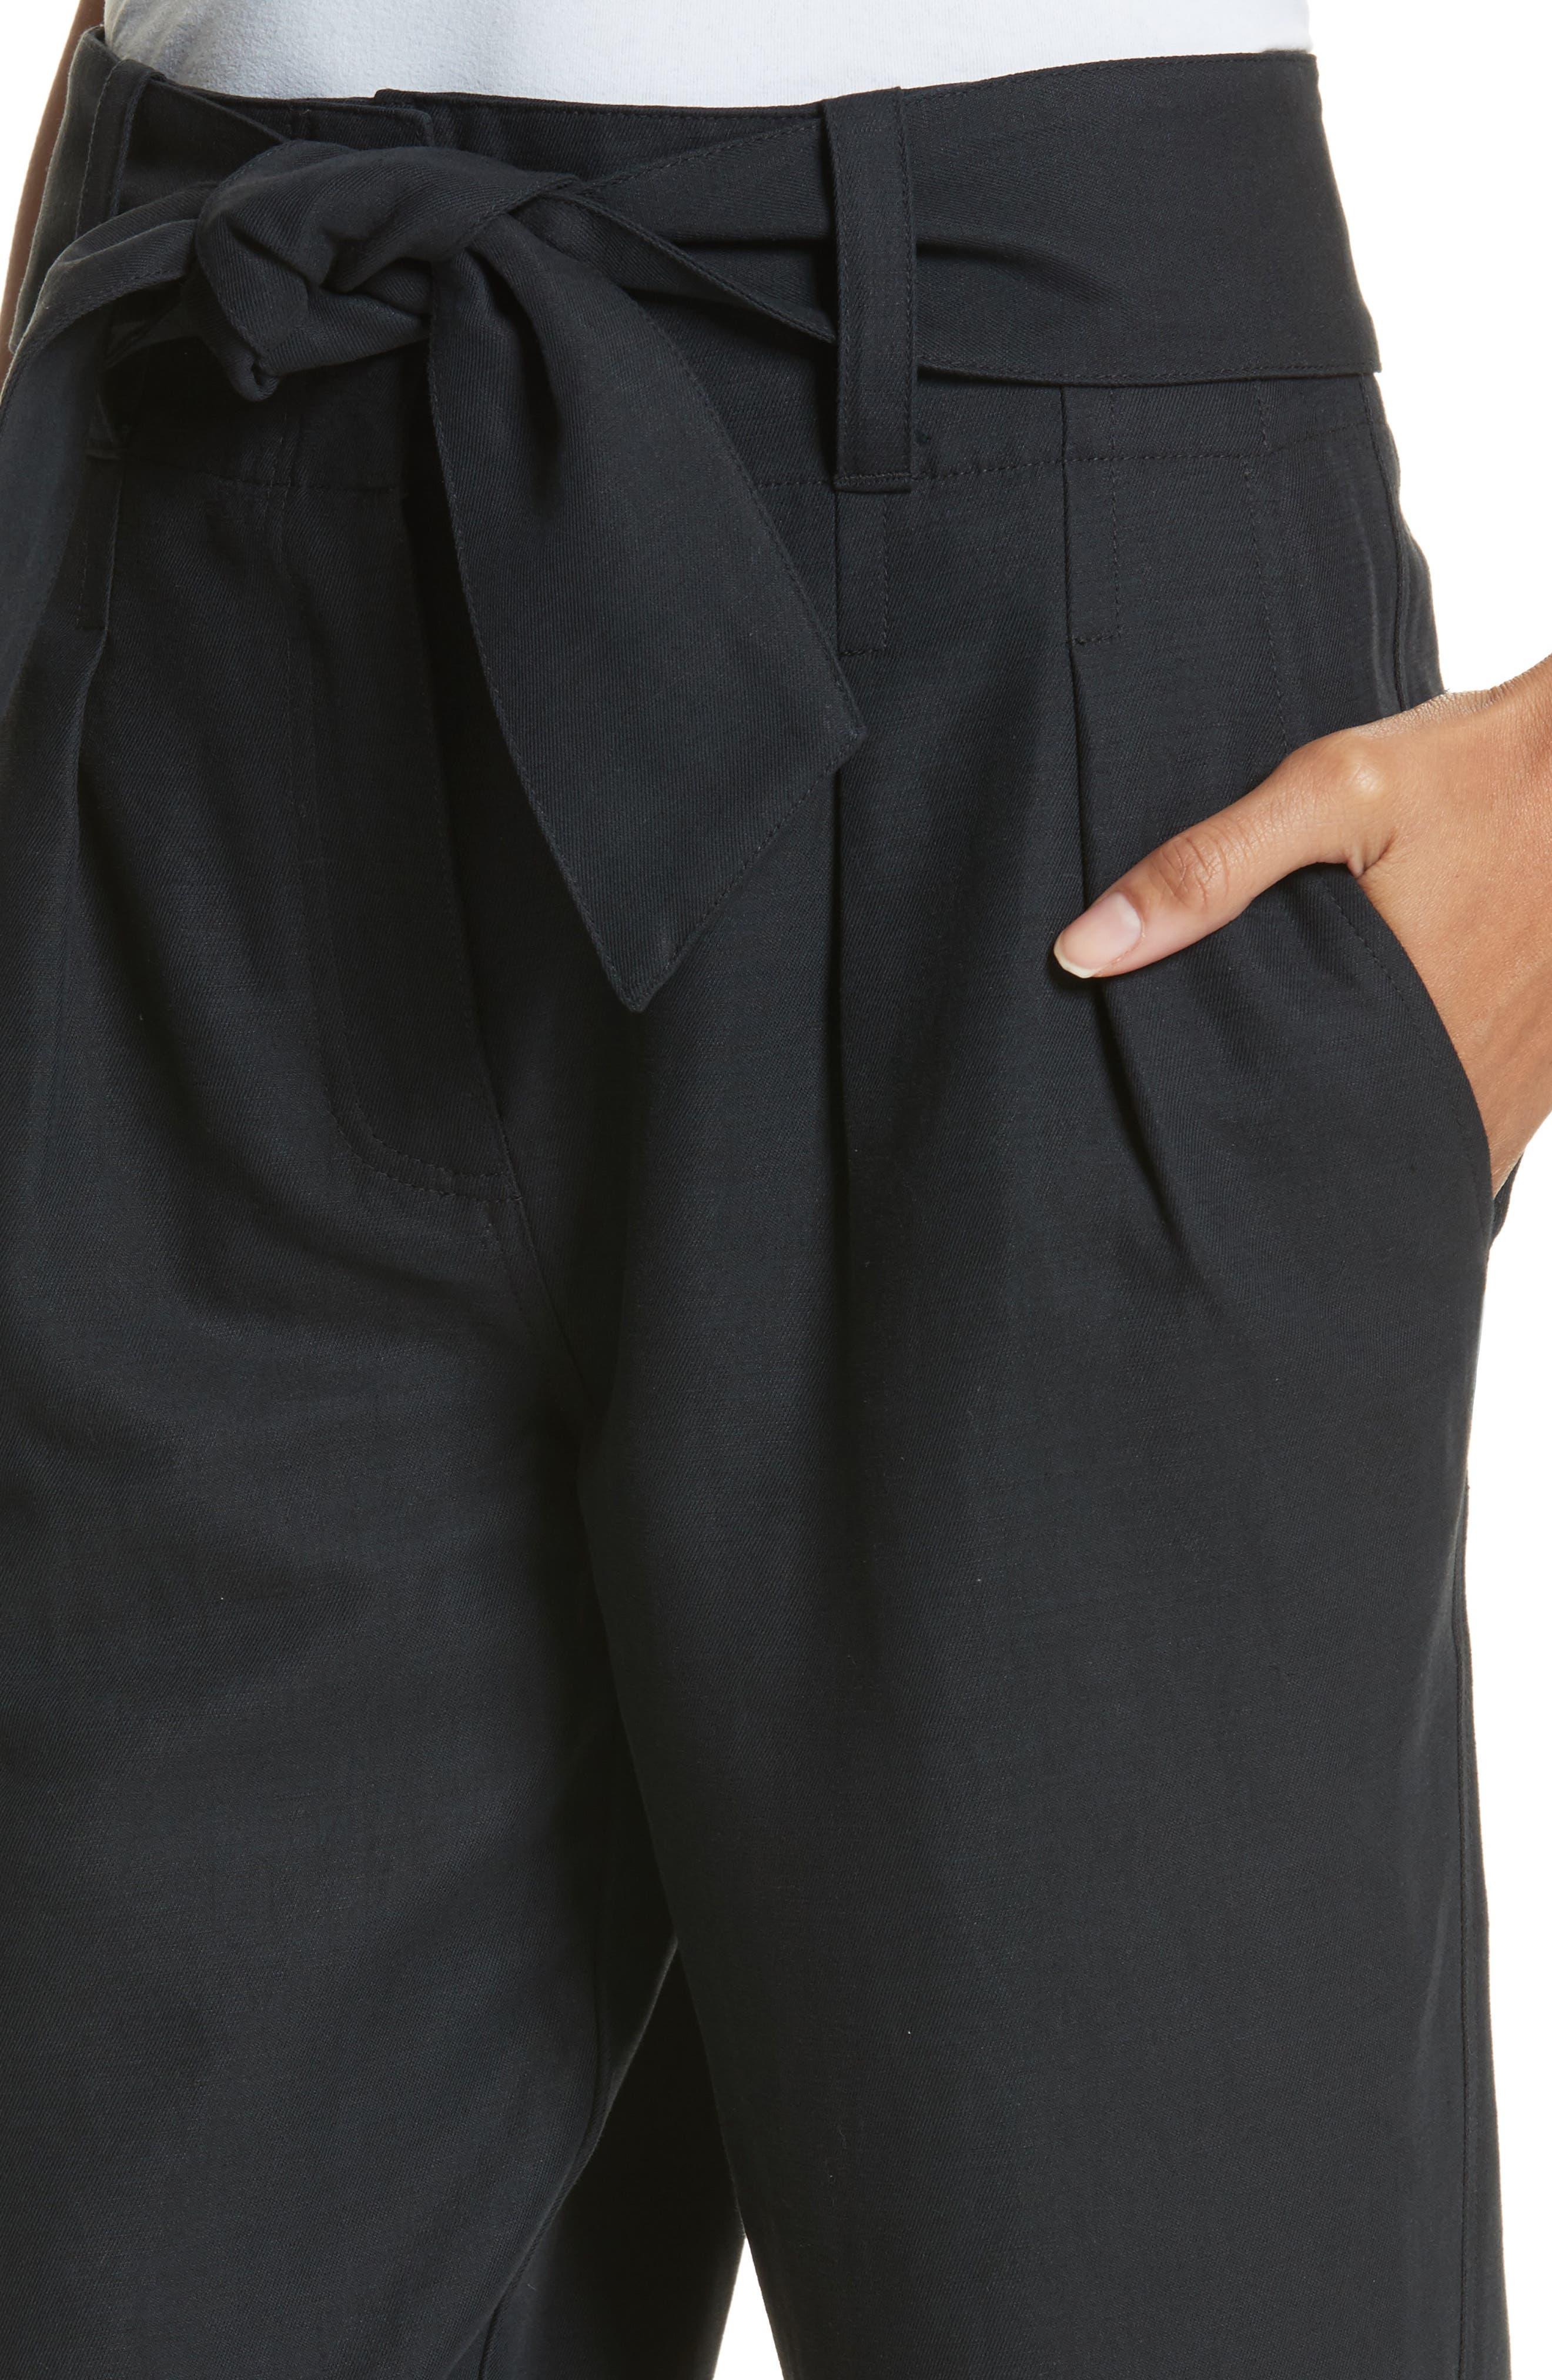 Jun Cotton & Linen Ankle Pants,                             Alternate thumbnail 4, color,                             Caviar